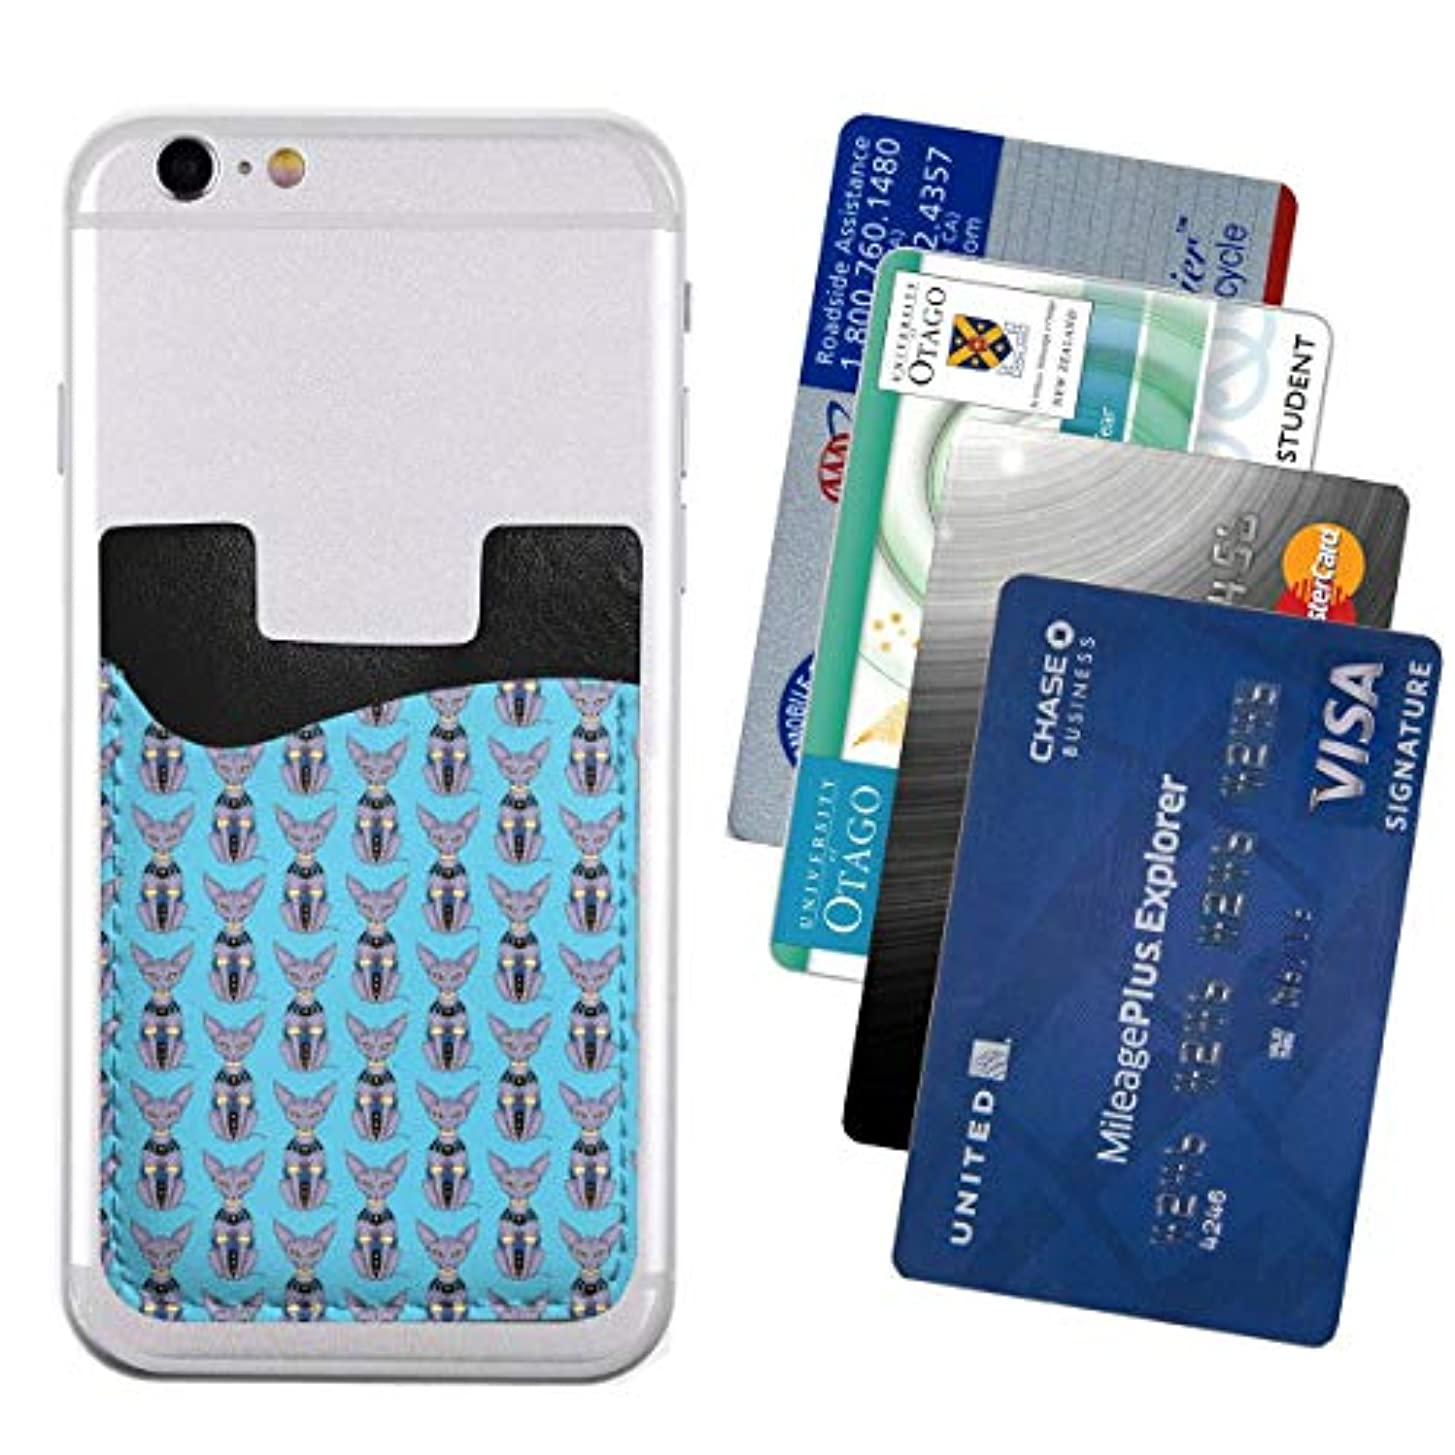 救急車いつか羊の携帯ウォレット ポケット カードホルダースマートフォン カードポケッ Sphynx Cat Bills Beerus 便利 携帯電話カードパッケージ2.4 * 3.5in